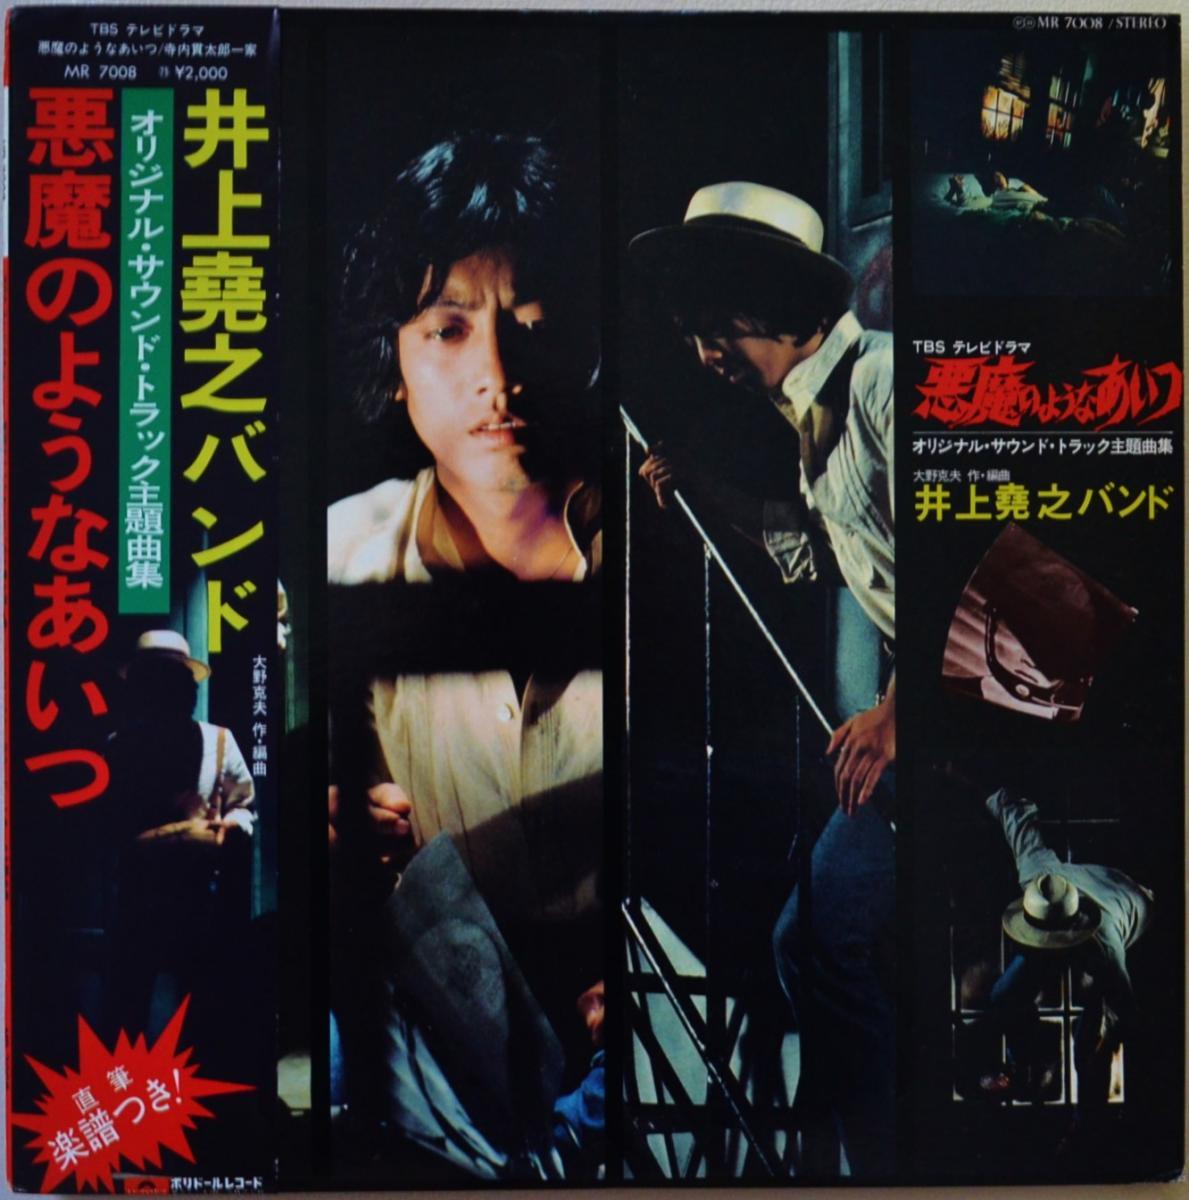 井上堯之バンド / 悪魔のようなあいつ / 寺内貫太郎一家 (オリジナル・サウンド・トラック主題曲集) (LP)